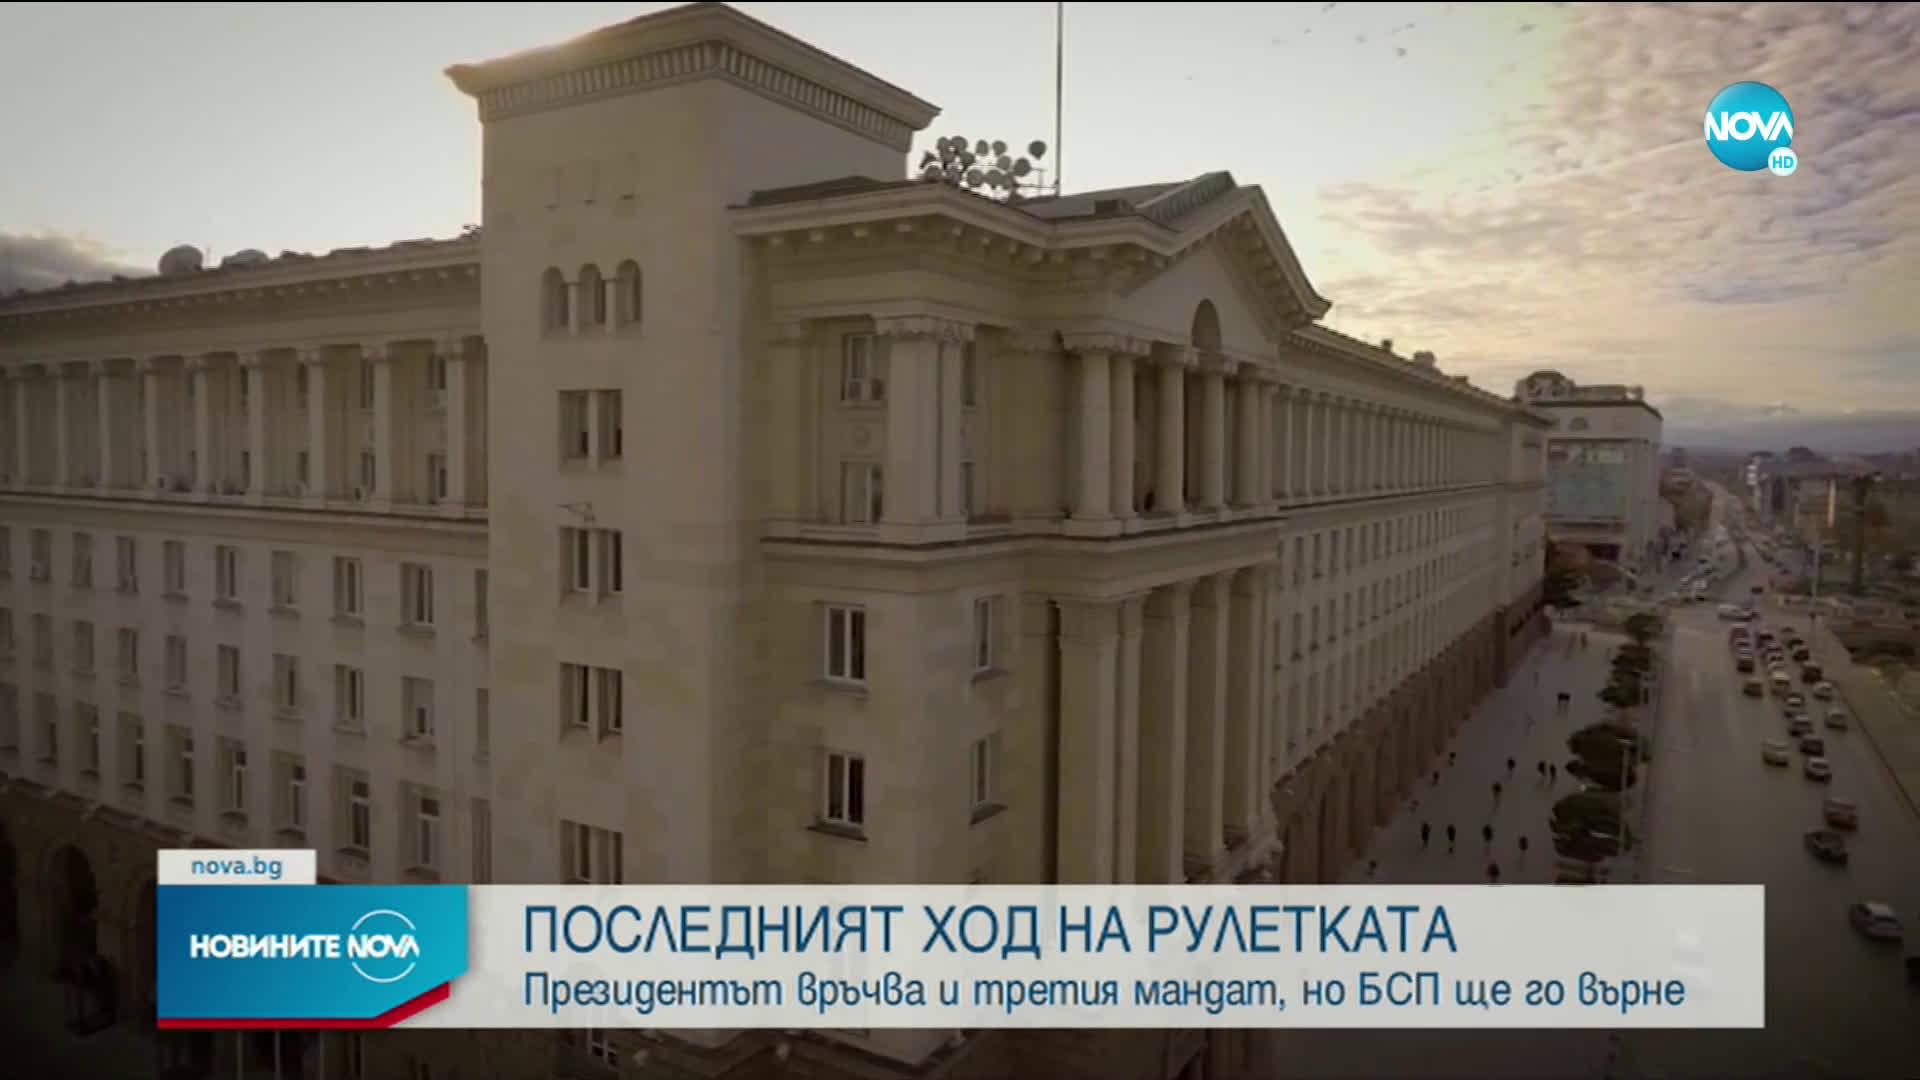 Президентът връчва днес третия мандат за съставяне на правителство